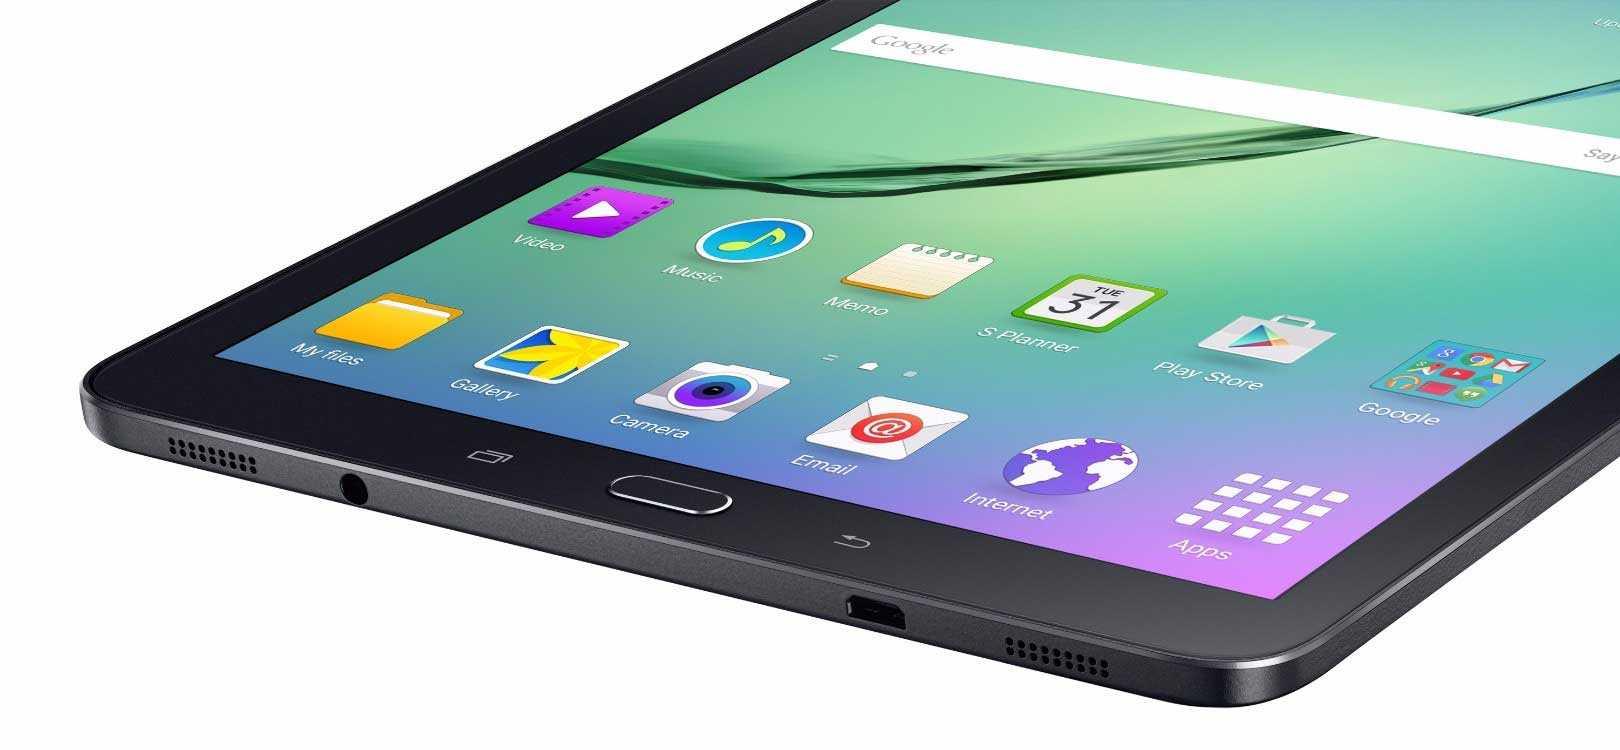 Galaxy Tab S2: المواصفات والمميزات والأسعار - صدى التقنية